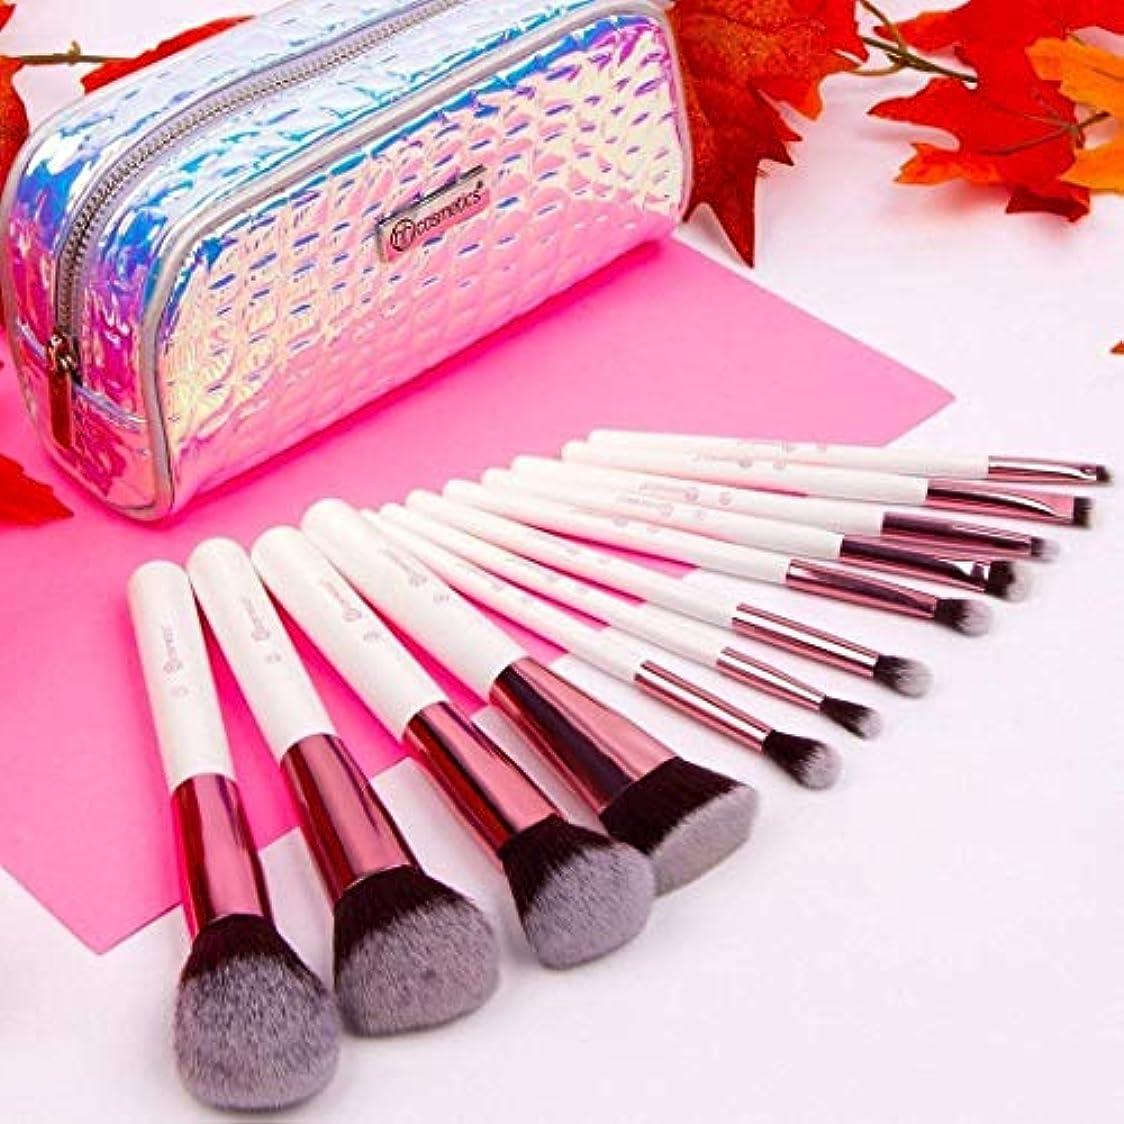 ドームなしで色BH cosmetics メイクブラシ アイシャドウブラシ 化粧筆 12本セット コスメブラシ 多機能メイクブラシケース付き収納便利 (12本セット)